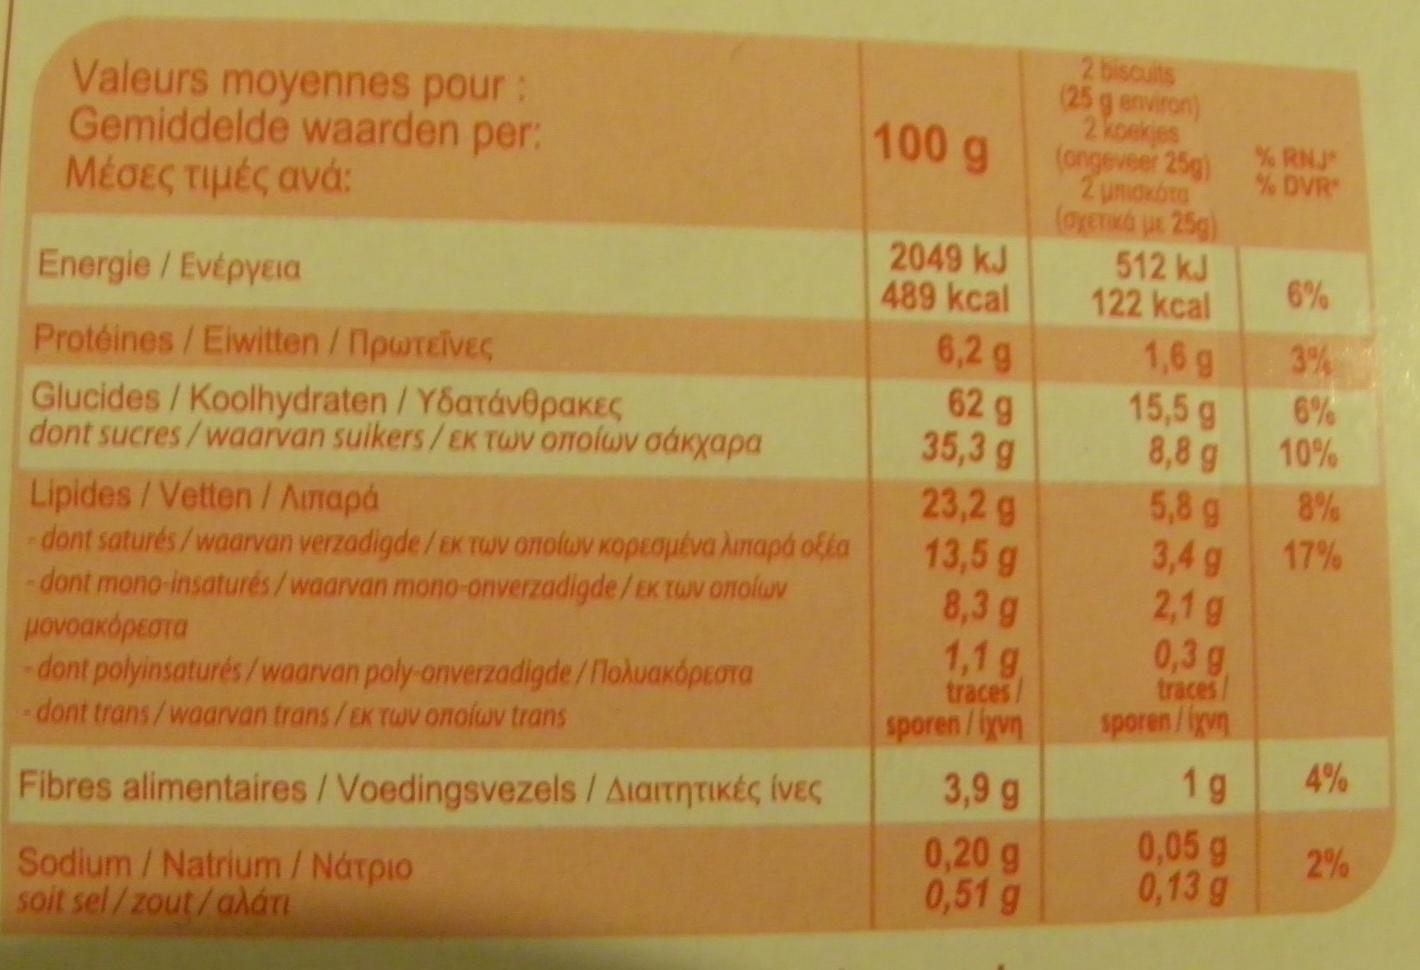 Biscuits tablette chocolat noir - Informations nutritionnelles